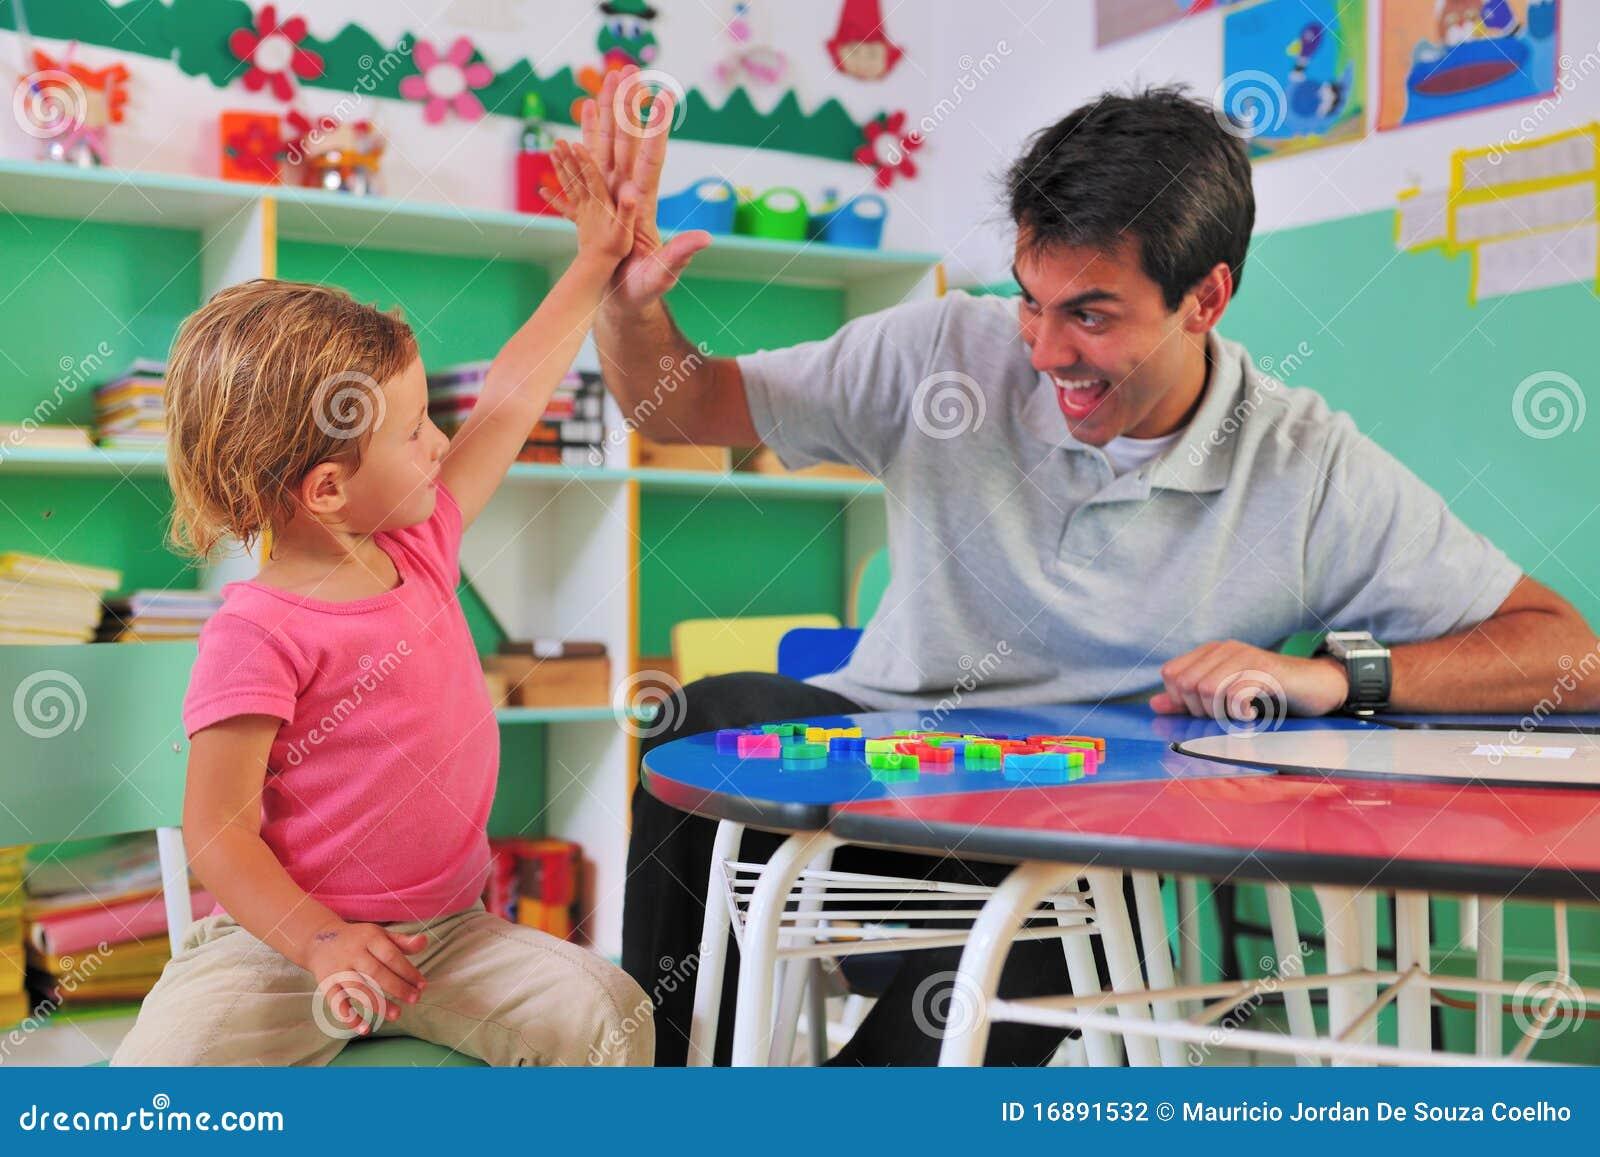 Peuter leraar en kind die hoog-vijf geven